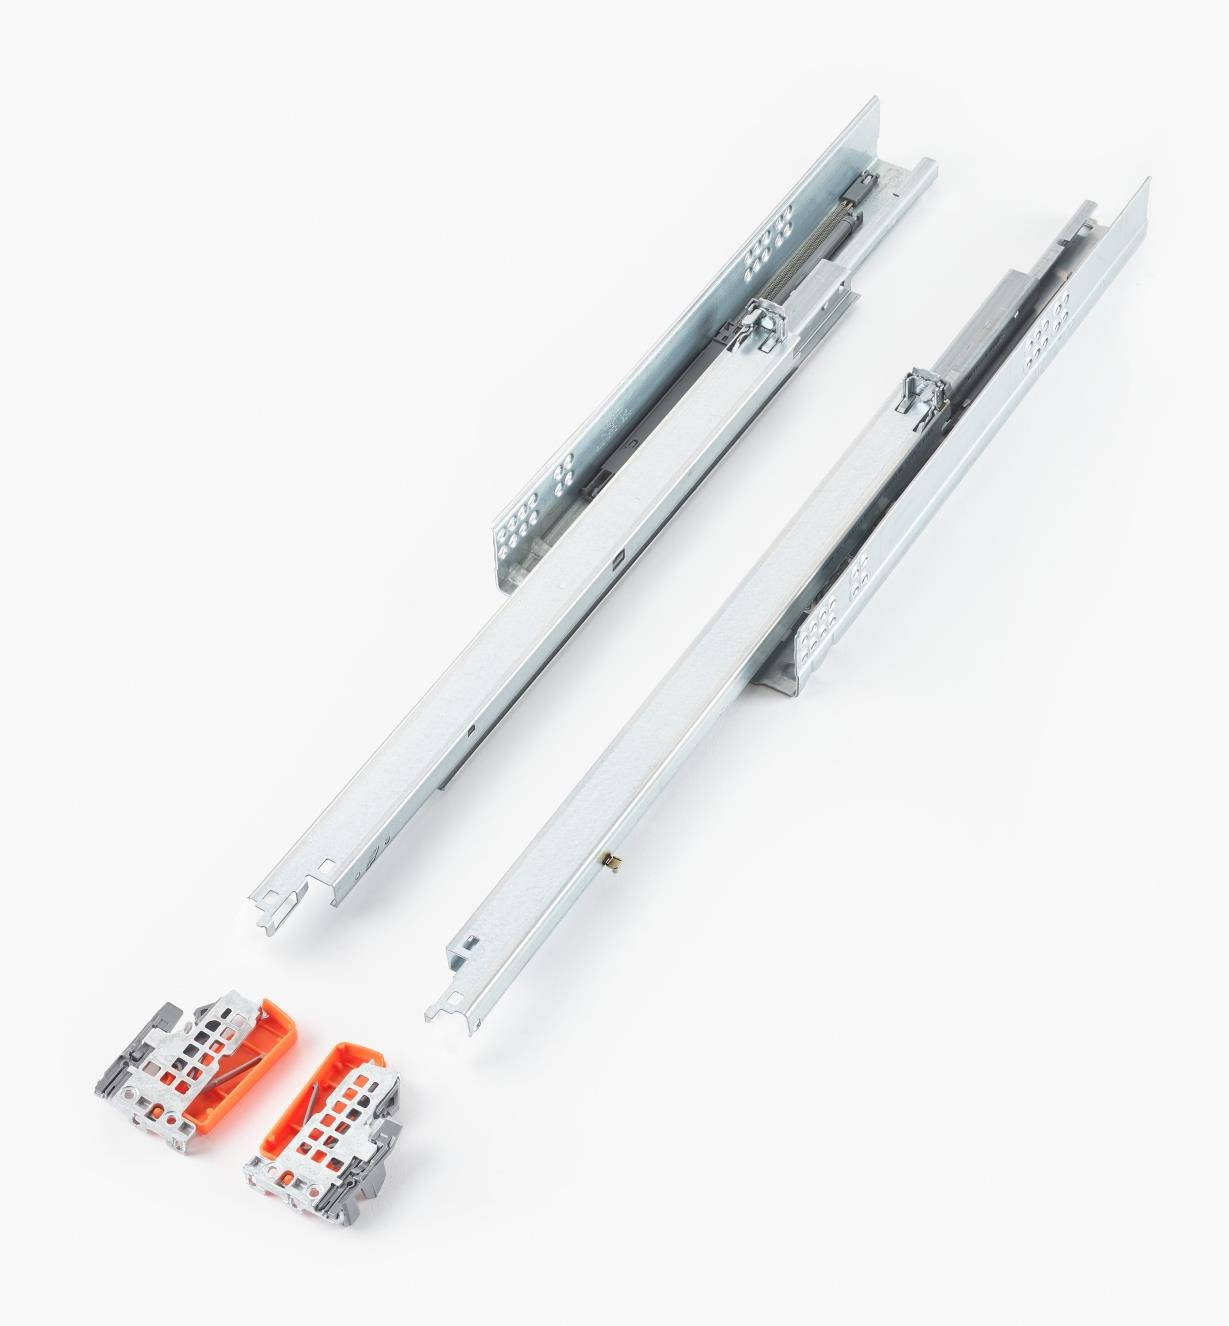 02K5150 - 500mm Tandem Plus Slides / Blumotion, pr.